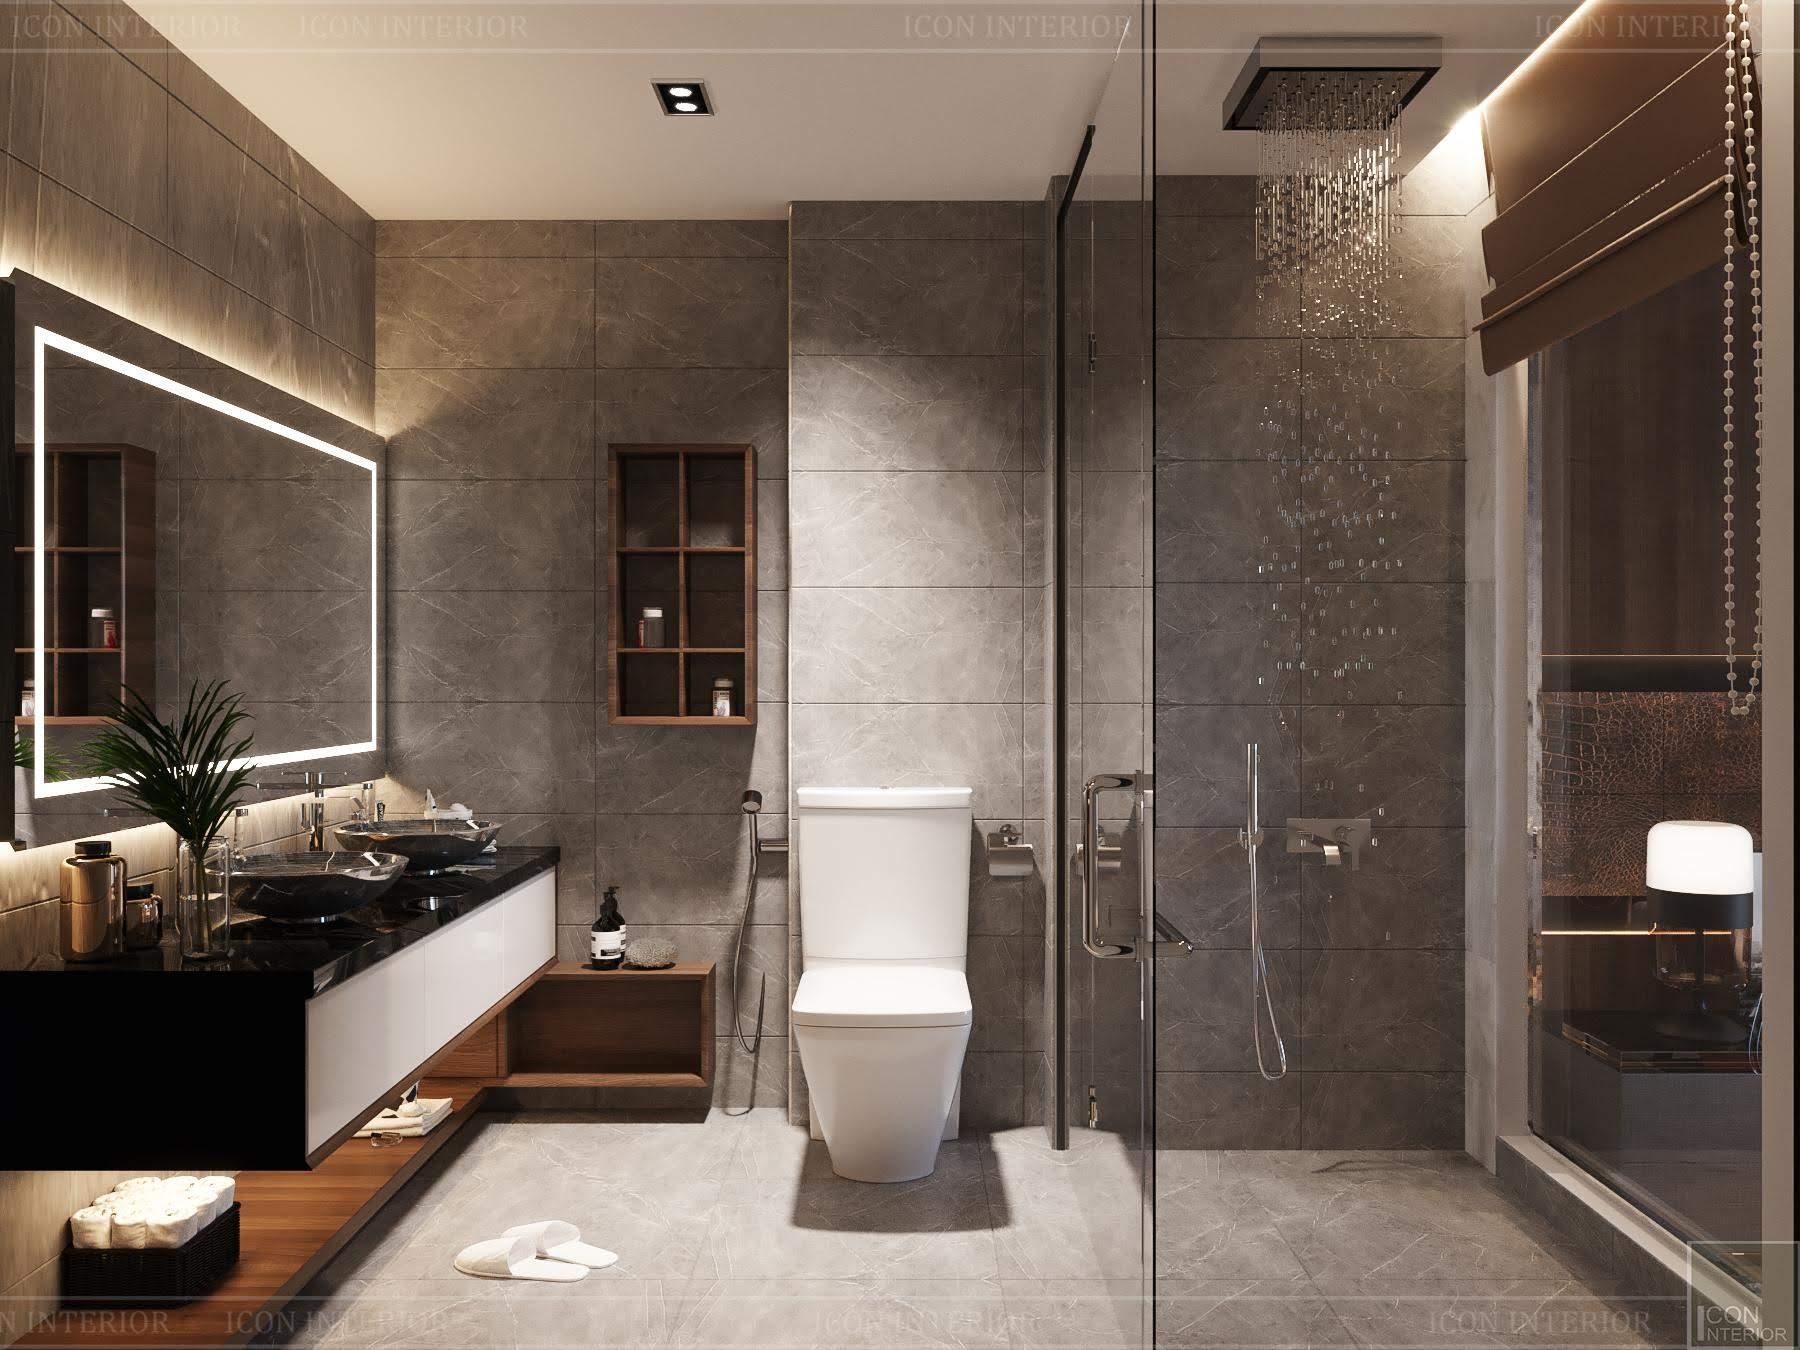 thiết kế nội thất phong cách hiện đại - phòng tắm